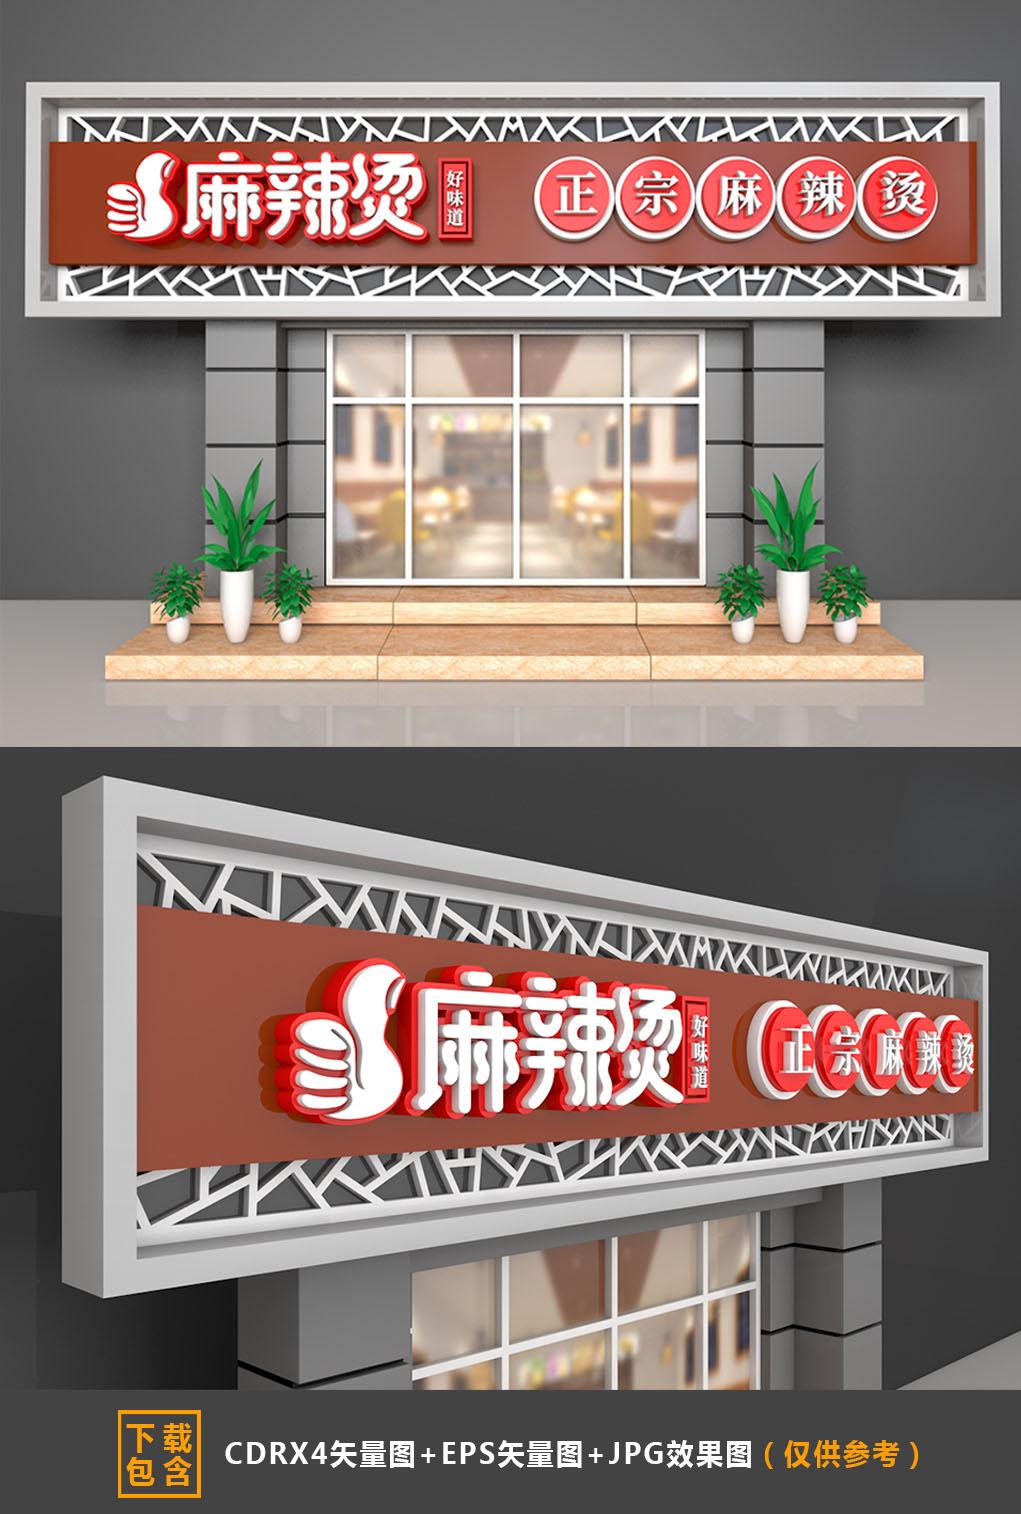 大型3D立体中式风格麻辣烫门头招牌设计源文件插图